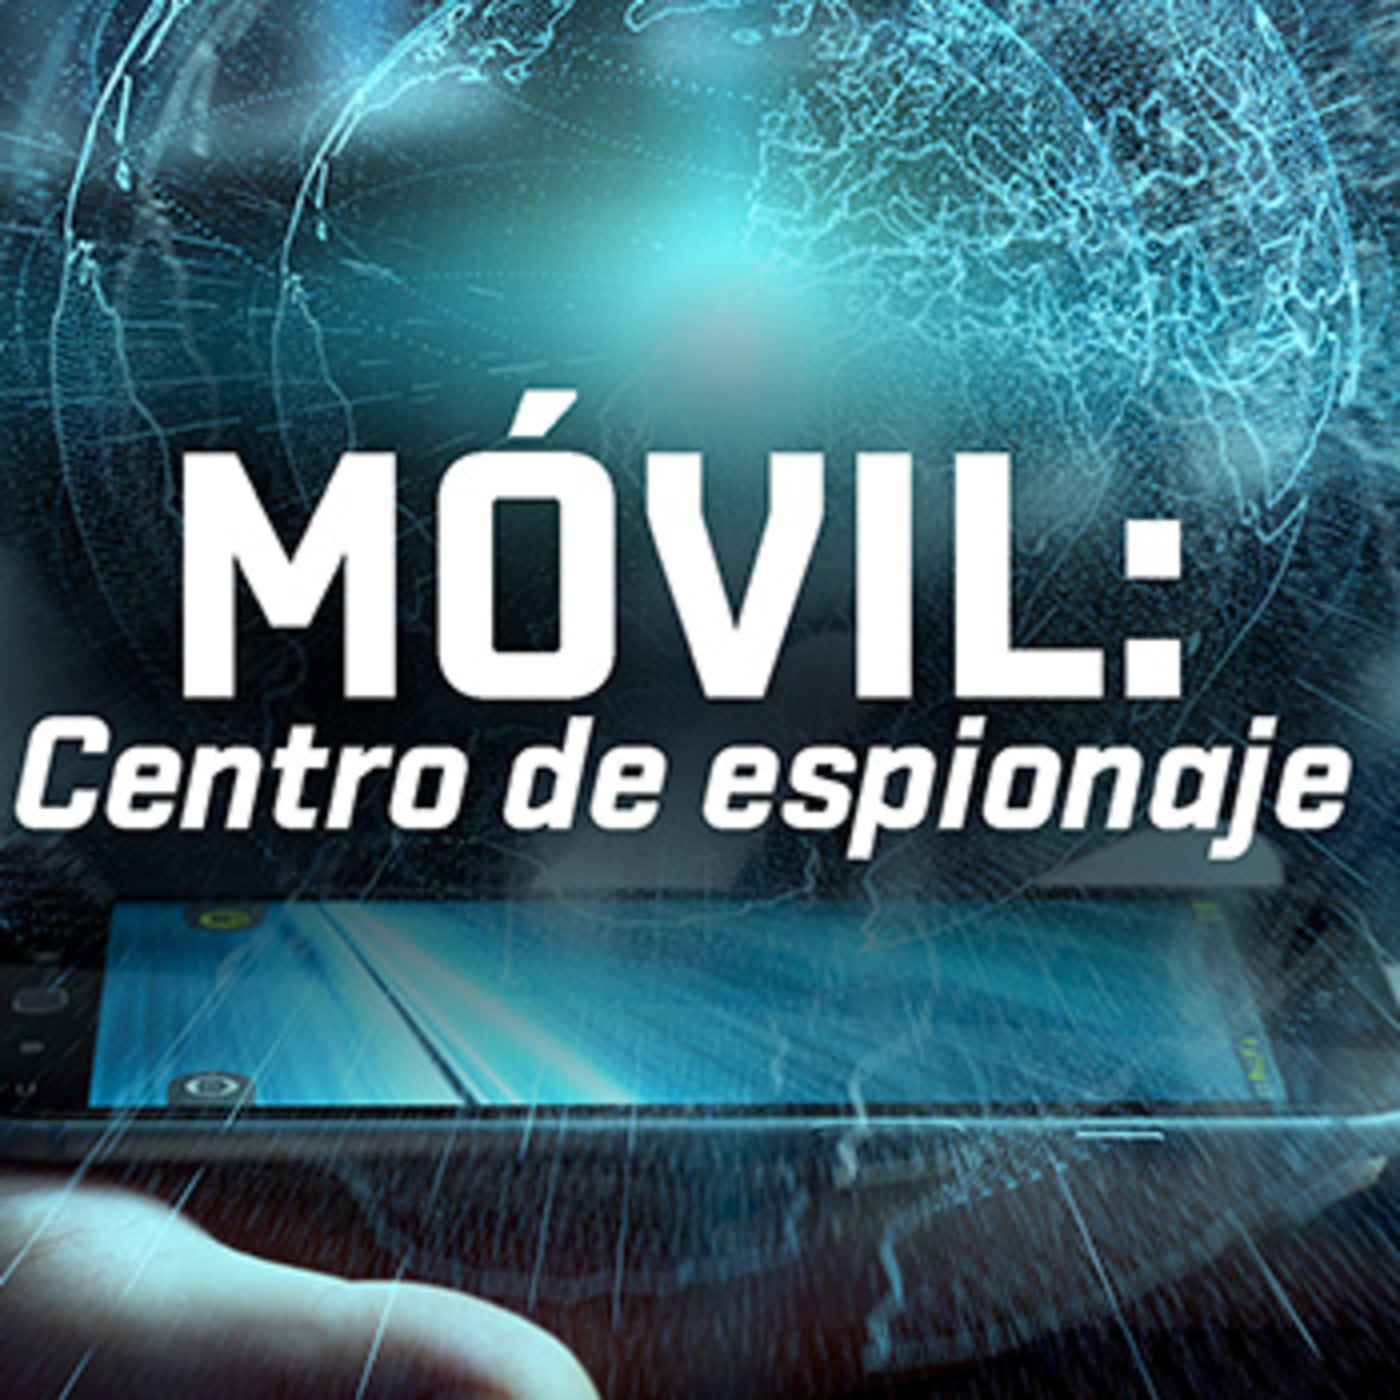 Cuarto milenio: Móvil, centro de espionaje en Cuarto Milenio ...